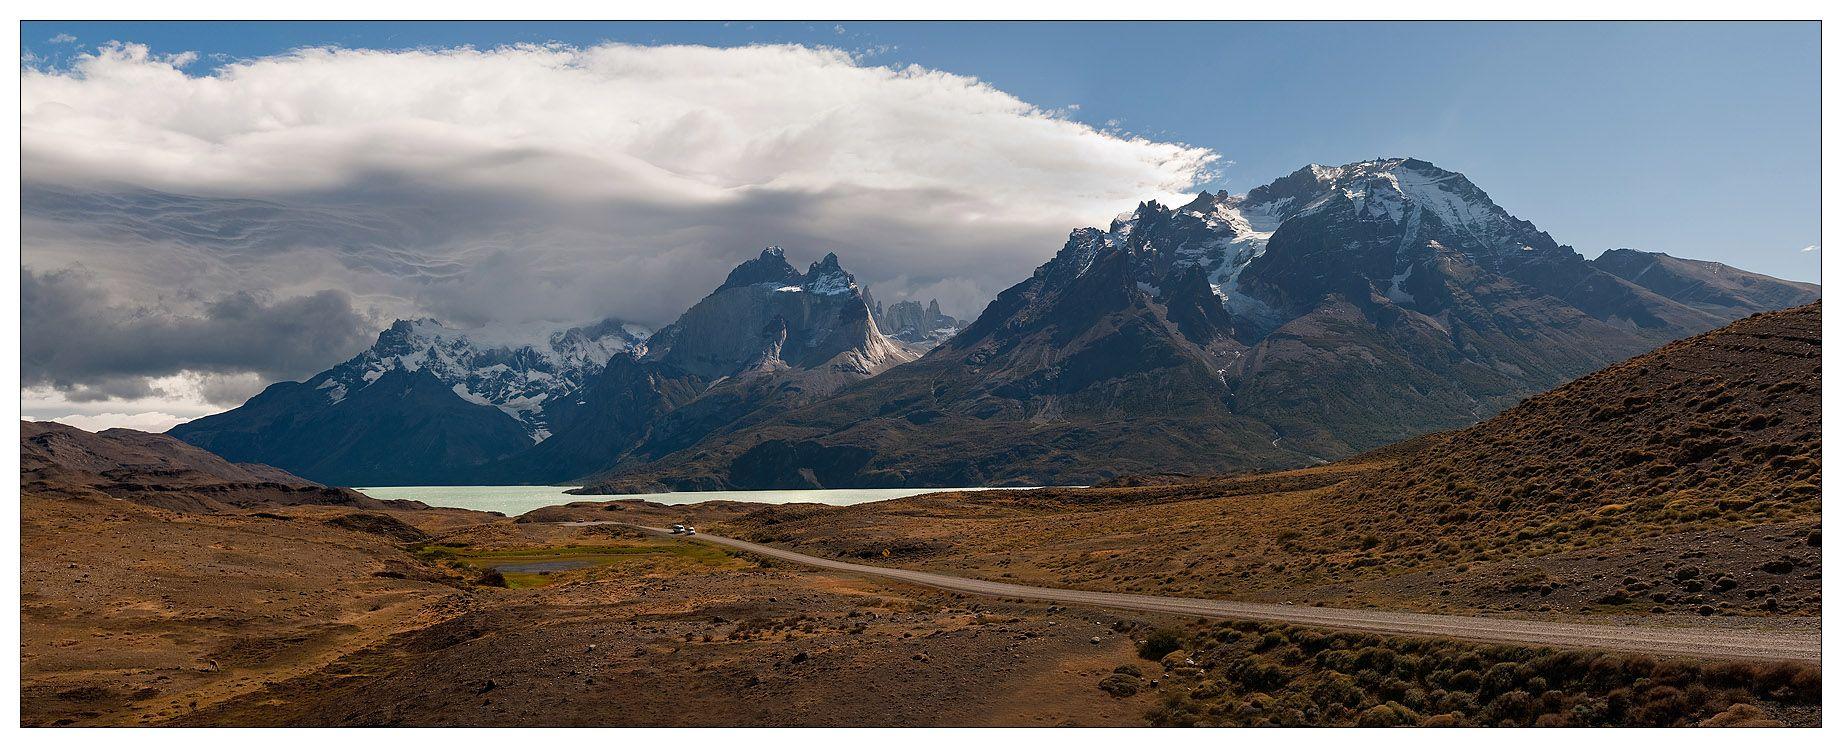 Национальный парк Торрес-дель-Пайне расположен на юге Чили, в Патагонии. Административно относится к региону Магальянес и Чилийская Антарктика и лежит в 140 километрах севернее города Пуэрто-Наталес и в 312 километрах севернее Пунта-Аренас. На севере Торрес-дель-Пайне граничит с Аргентиной, на его западе лежит глетчер Грей с озером Лаго-Грей, на юге — озеро Лаго-дель-Торо, на востоке — озеро Сармиенто-де-Гамбоа.  Площадь национального парка равна 2420 км². На его территории имеются многочисленные горы (высотой до 3000 м), глетчеры, фьорды и озёра. Торрес-дель-Пайне являются символом национального парка. Это три иглоподобные гранитные горы высотой от 2600 до 2850 метров, расположенные в центре национального парка. Южнее этих гор находится озеро Норденшельда, названное так в честь шведского исследователя Эрика Адольфа Норденшельда. Наивысшей точкой парка является гора Пайне-Гранде высотой в 3050 м.